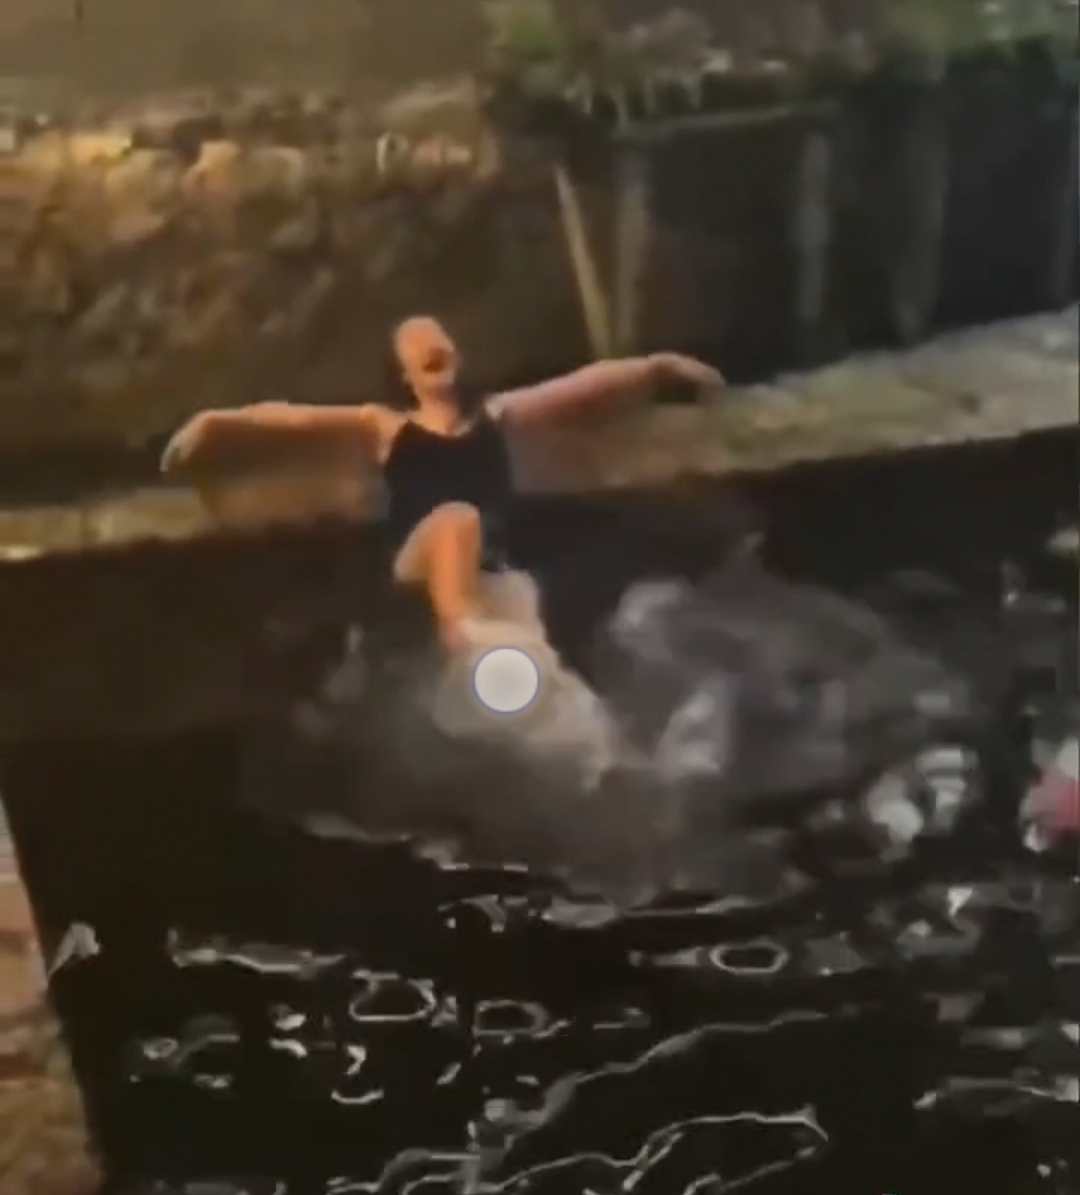 女游客酒后丽江古城在石榴井戏水发文致歉,网友:泳衣怎么解释?景区回应